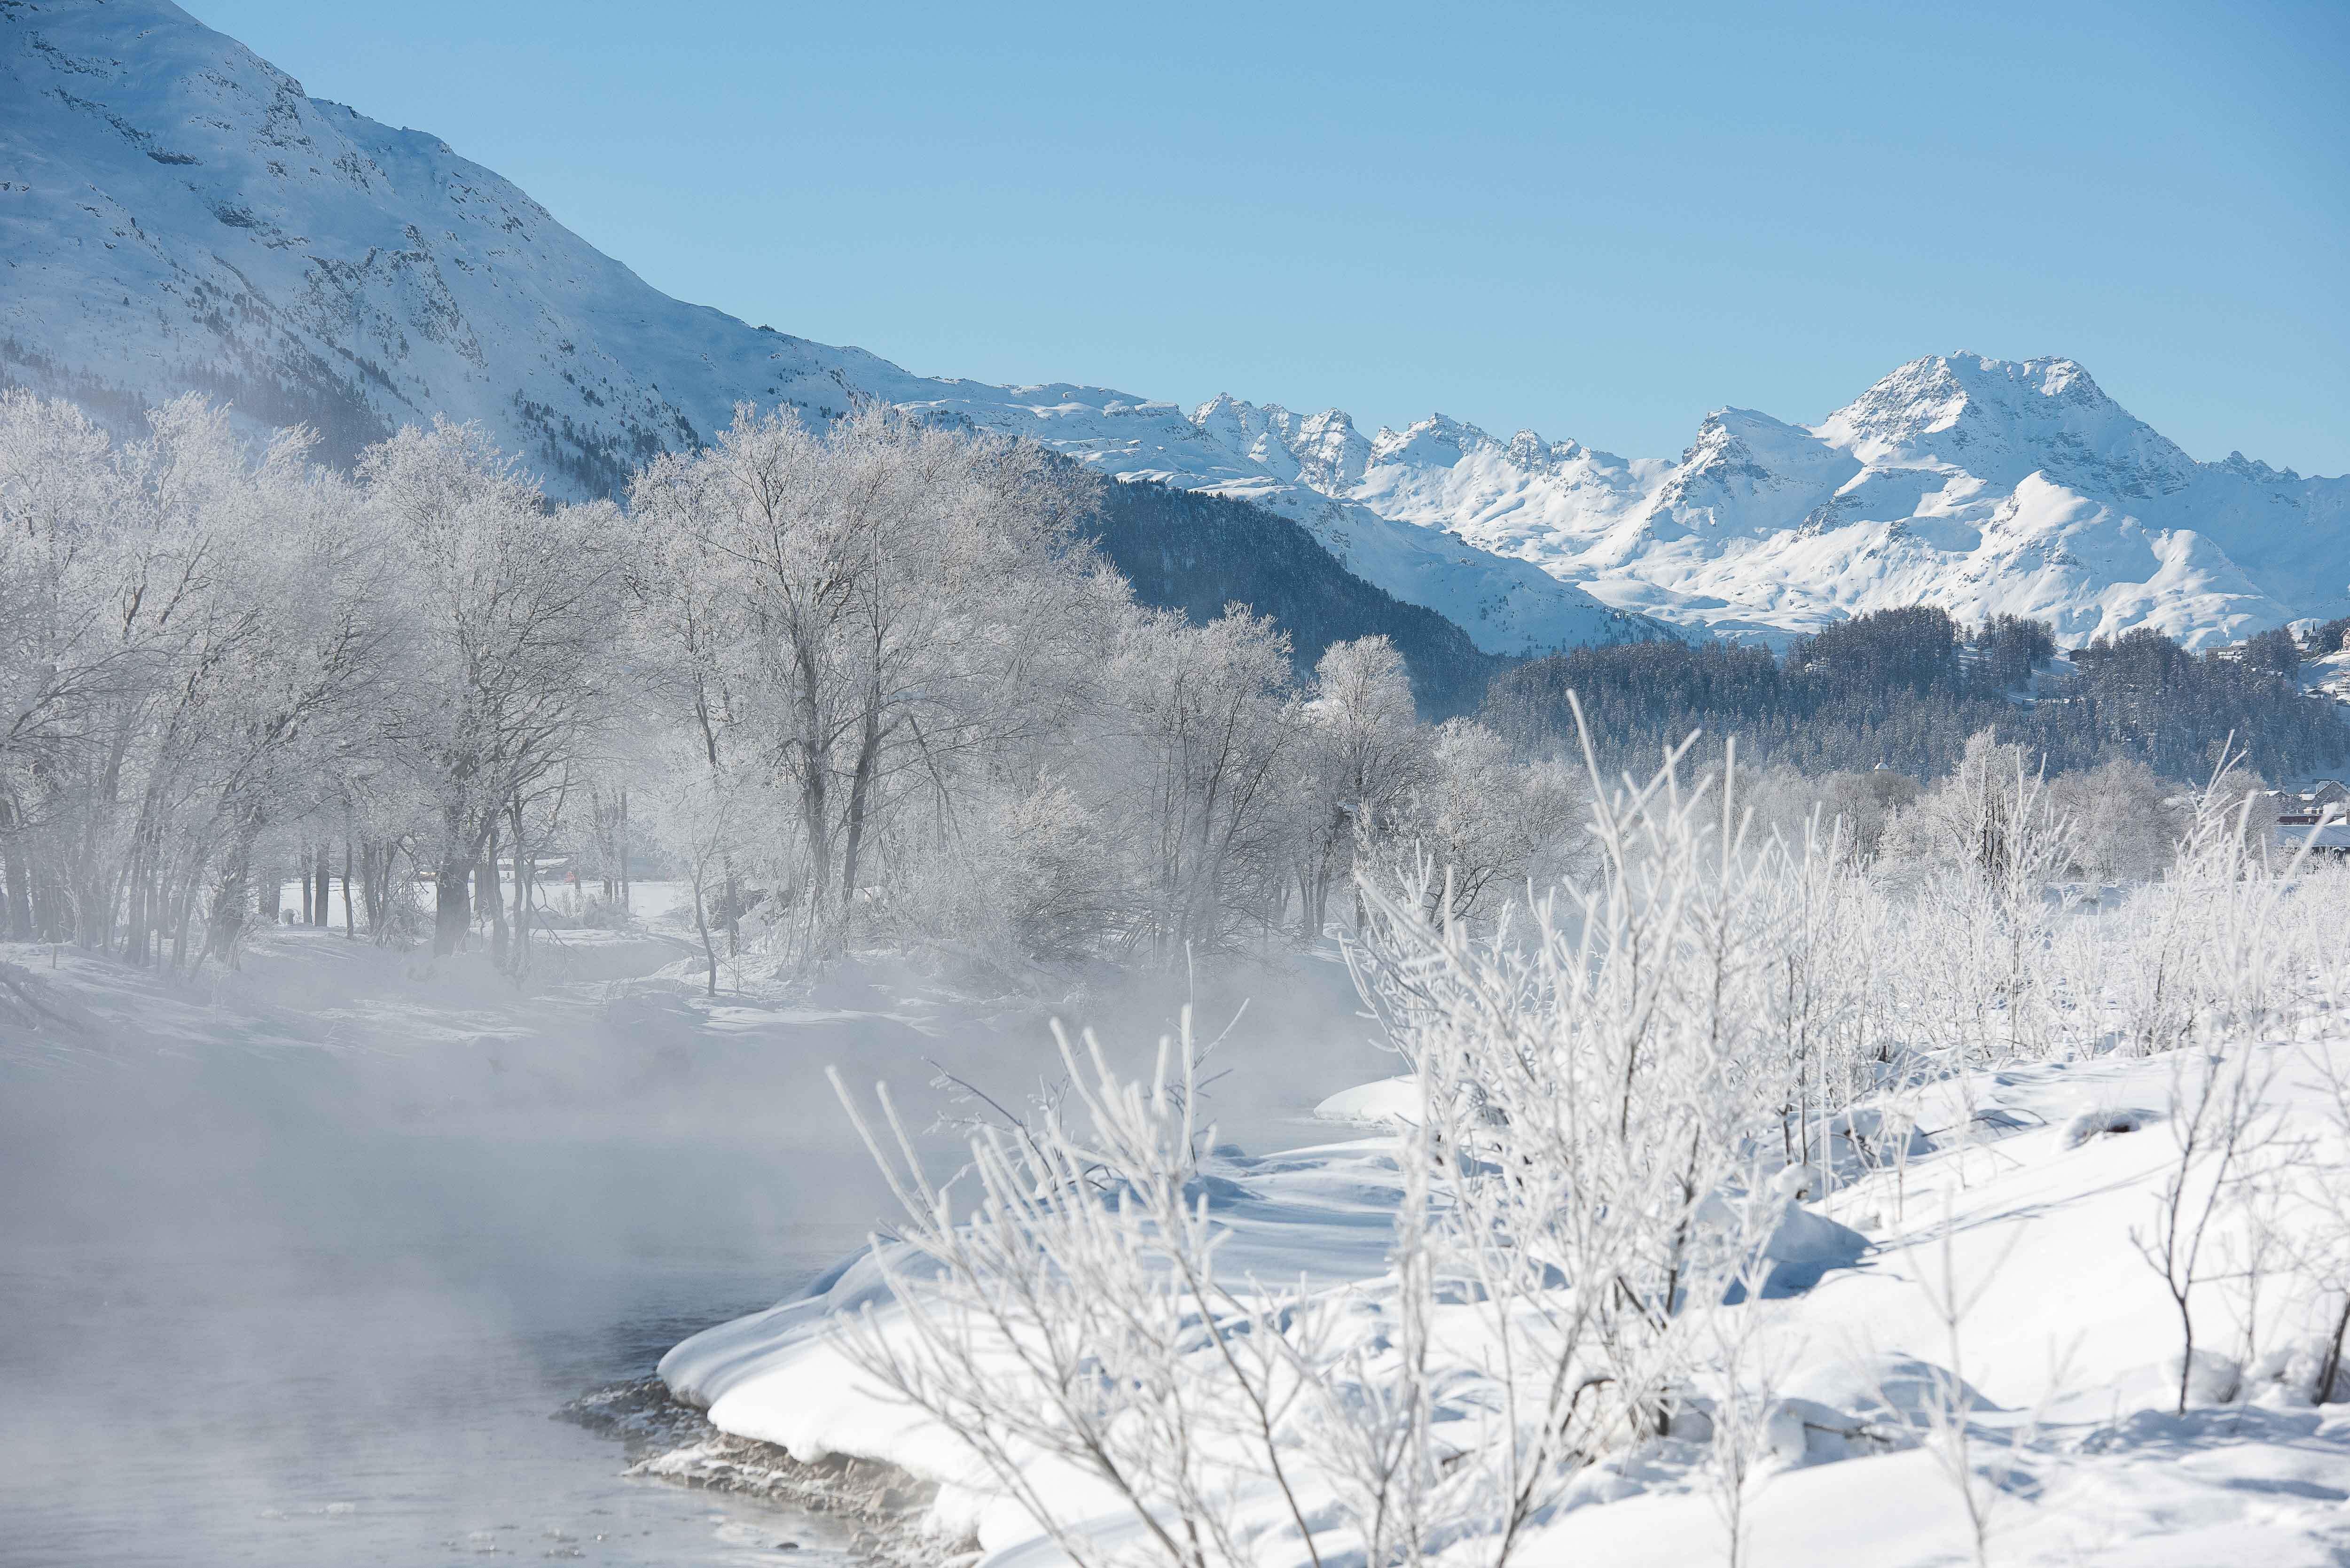 Winterliche Stimmung entlang des Inn bei Celerina, mit Blick auf den Piz Kesch (3418 m).